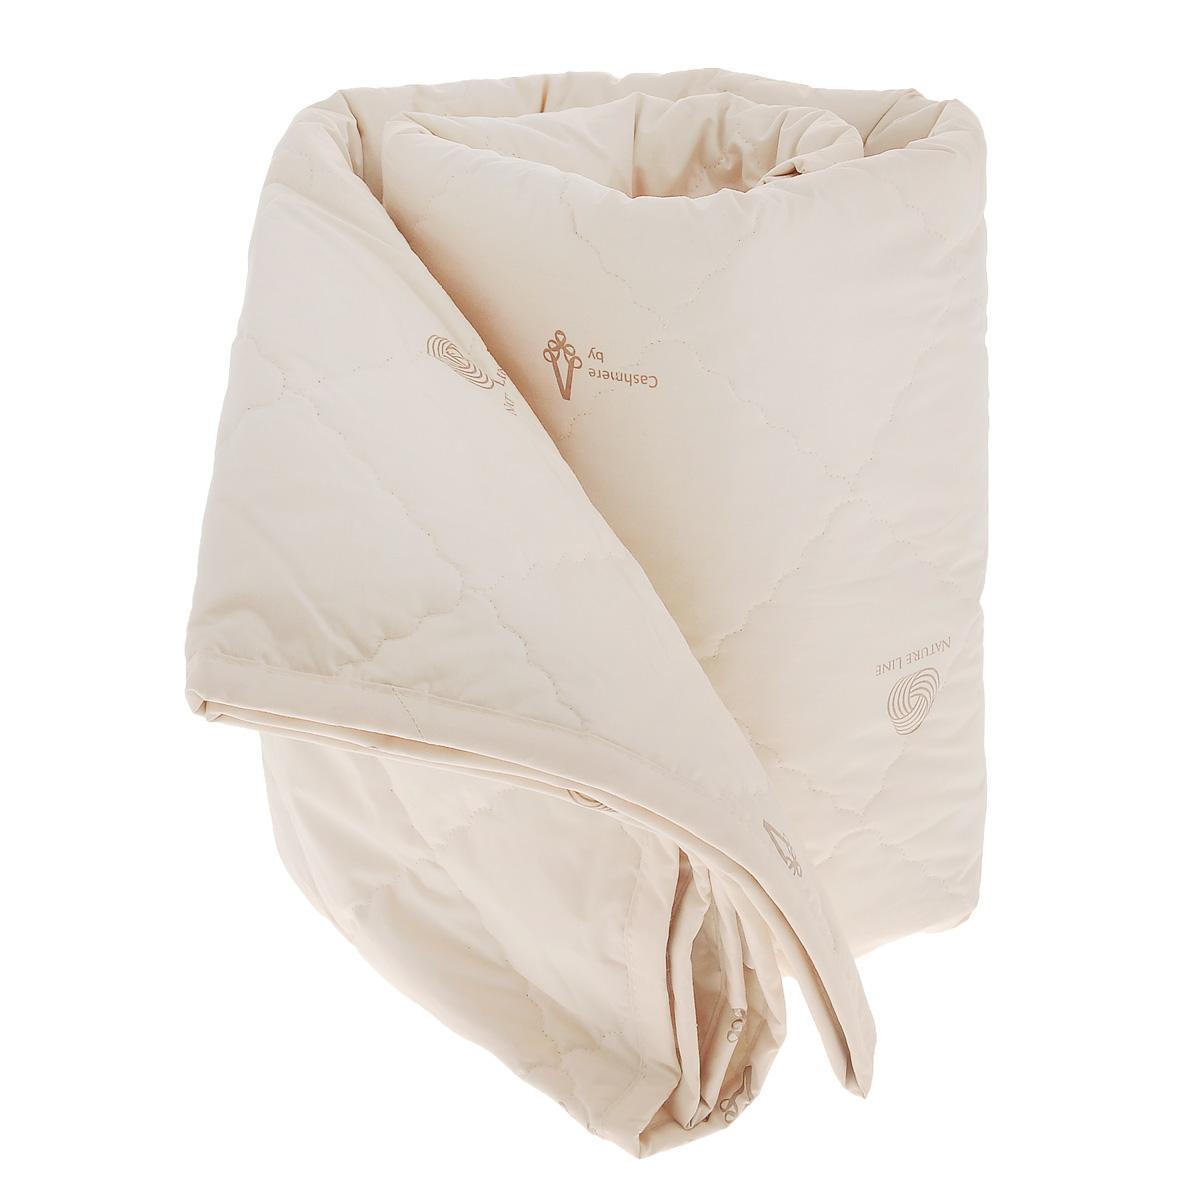 Одеяло La Prima Кашемир, наполнитель: кашемир, полиэфирное волокно, цвет: светло-бежевый, 200 х 220 см96280968Одеяло La Prima Кашемир очень легкое, воздушное и одновременно теплое. Чехол одеяла выполнен из 100% хлопка. Наполнитель - из натуральной шерсти кашемирской козы. Одеяла с наполнителем из кашемира очень высоко ценят во всем мире. Изделие обладает высокой воздухопроницаемостью, прекрасно сохраняет тепло и снимает статистическое электричество. Оно гипоаллергенно, очень практично и неприхотливо в уходе. Благоприятно воздействует на мышцы и суставы, создавая эффект микромассажа, обеспечивает здоровый и глубокий сон. Ручная стирка при температуре 30°С. Материал чехла: 100% хлопок.Наполнитель: кашемир, полиэфирное волокно.